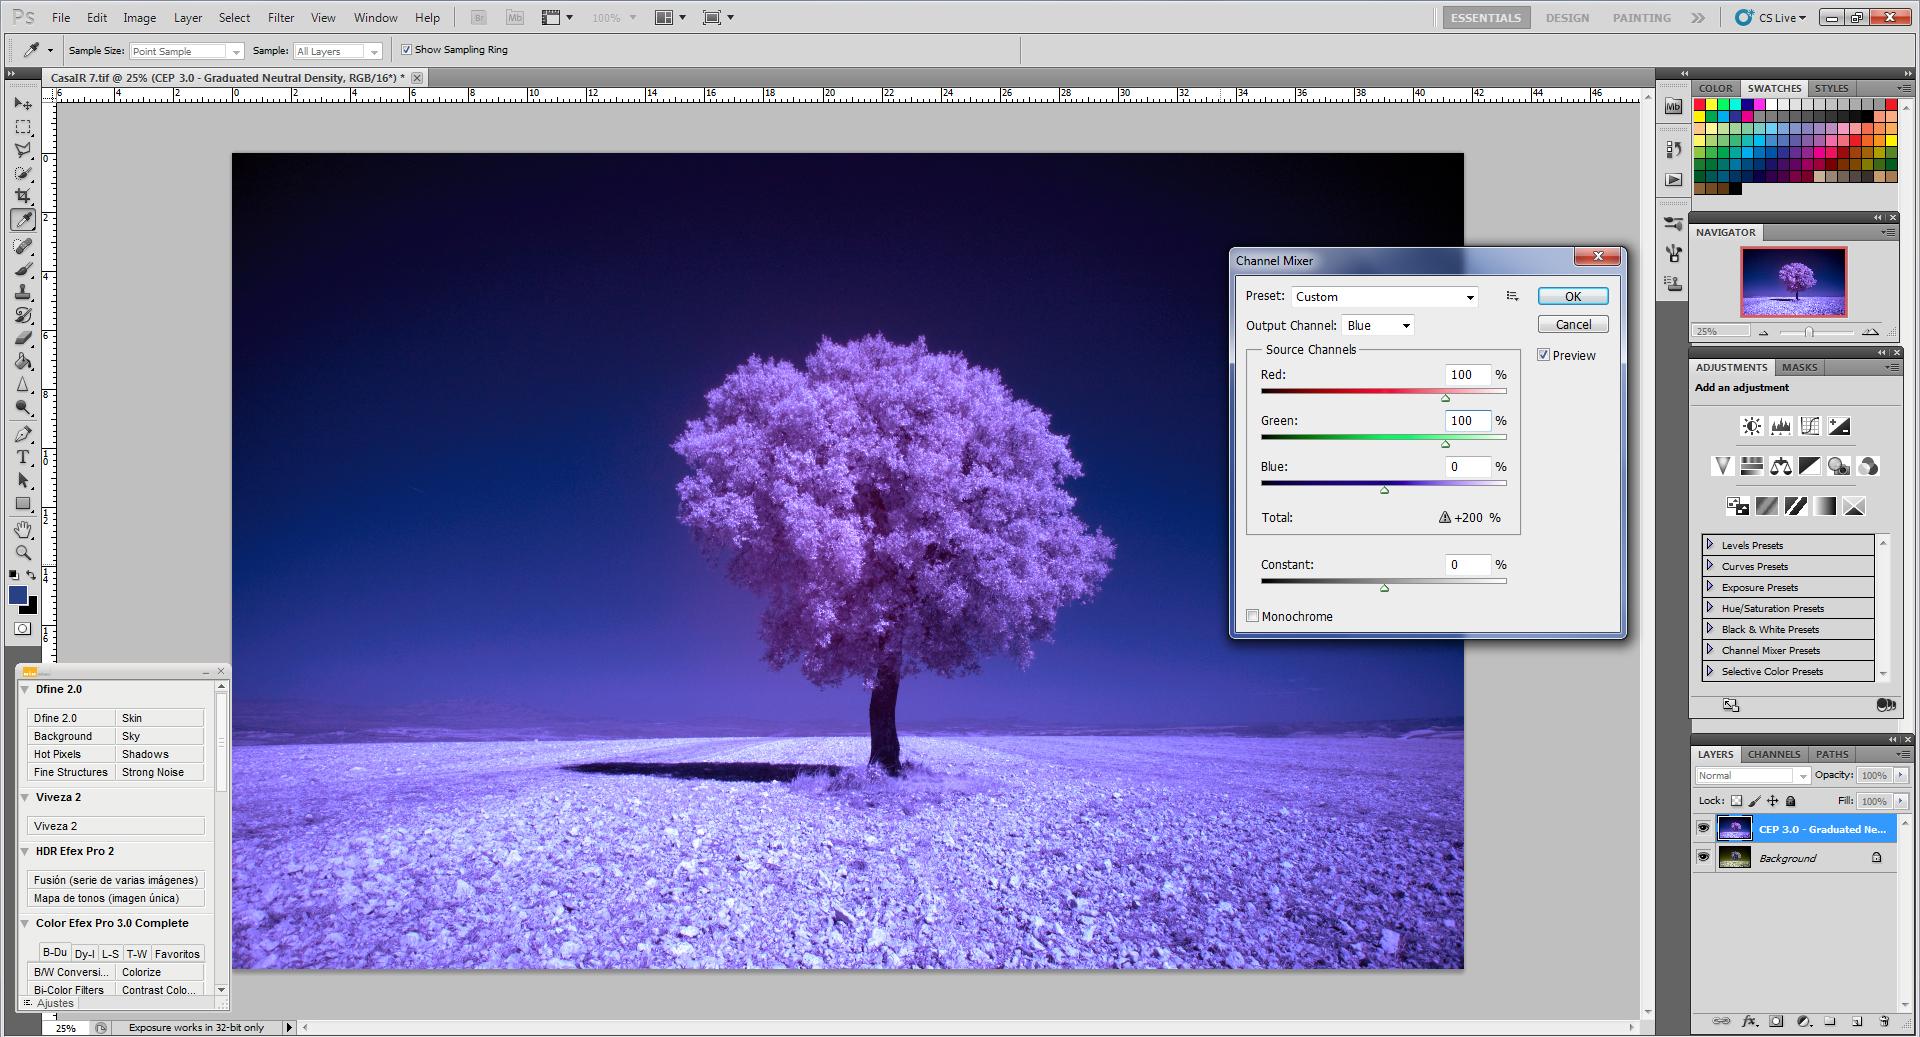 Как превратить пейзажное фото в сюрреалистическое инфракрасное изображение - 5